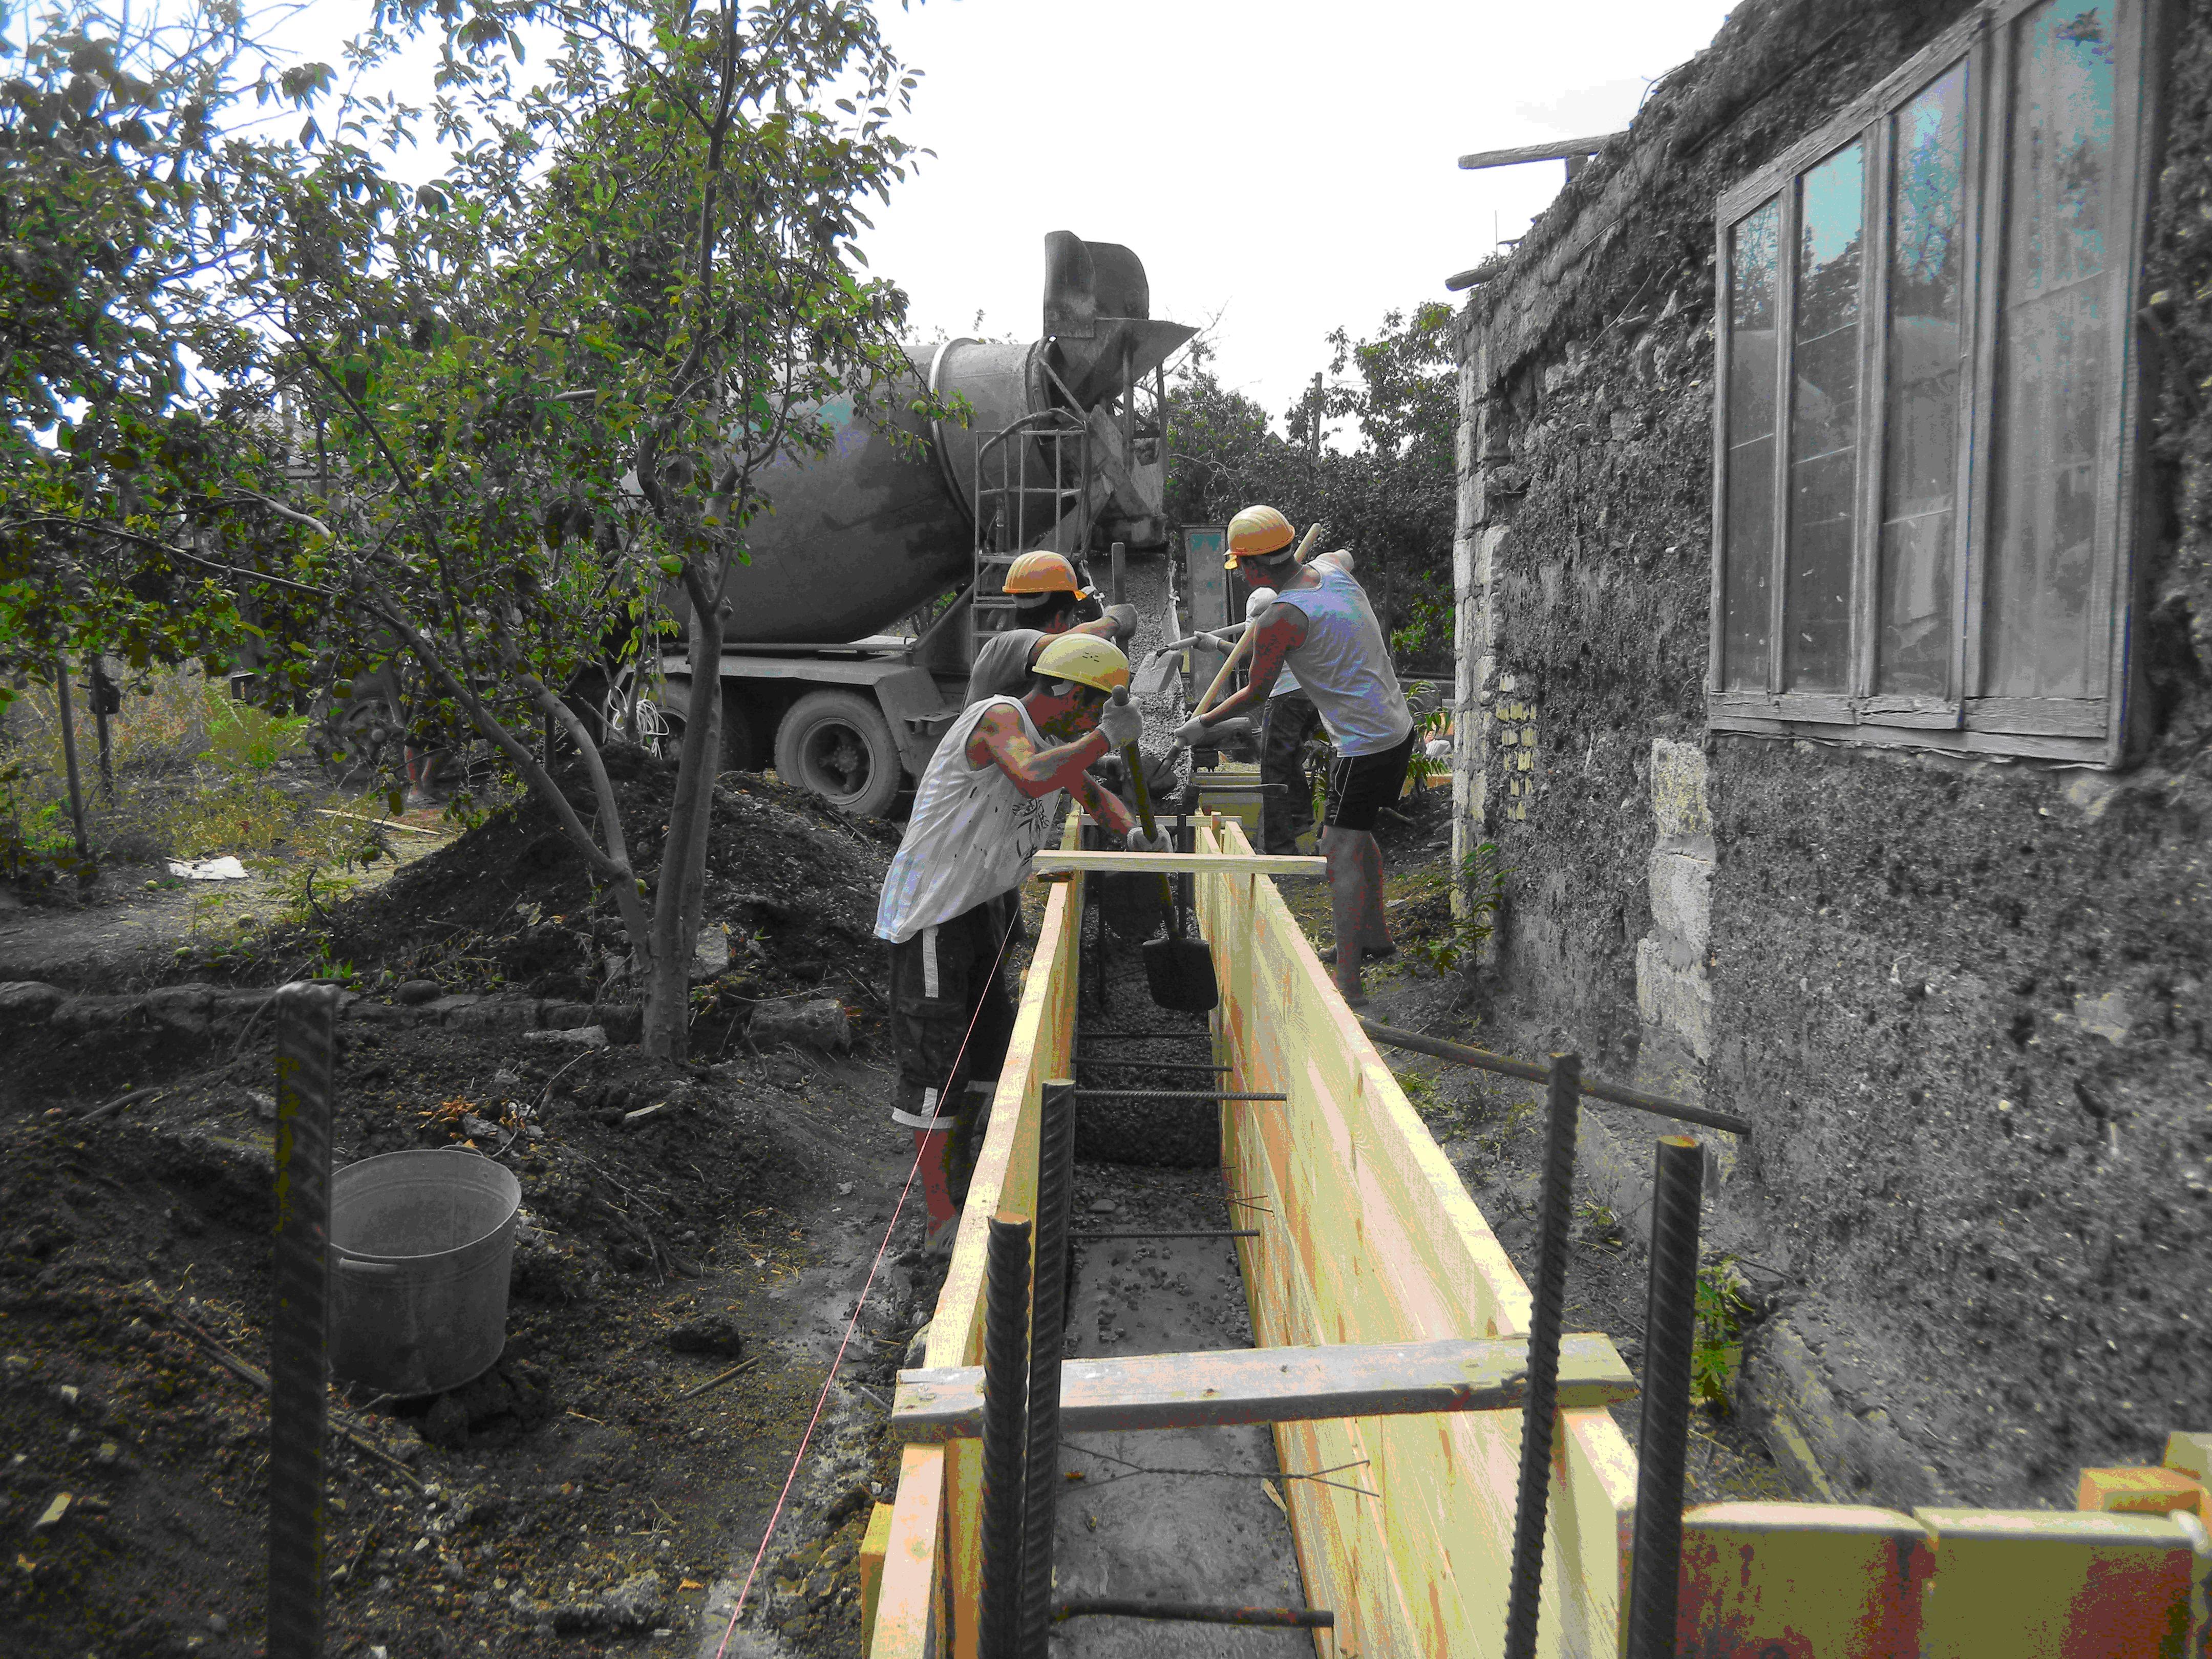 Любые виды строительных работ от фундамента до крыши. Земля, бетон, кладка, отделка, утепление фасадов, кровля, гидроизоляция, подпорные стены, тротуарная плитка. Беседки, сараи, гаражи, заборы, колодцы